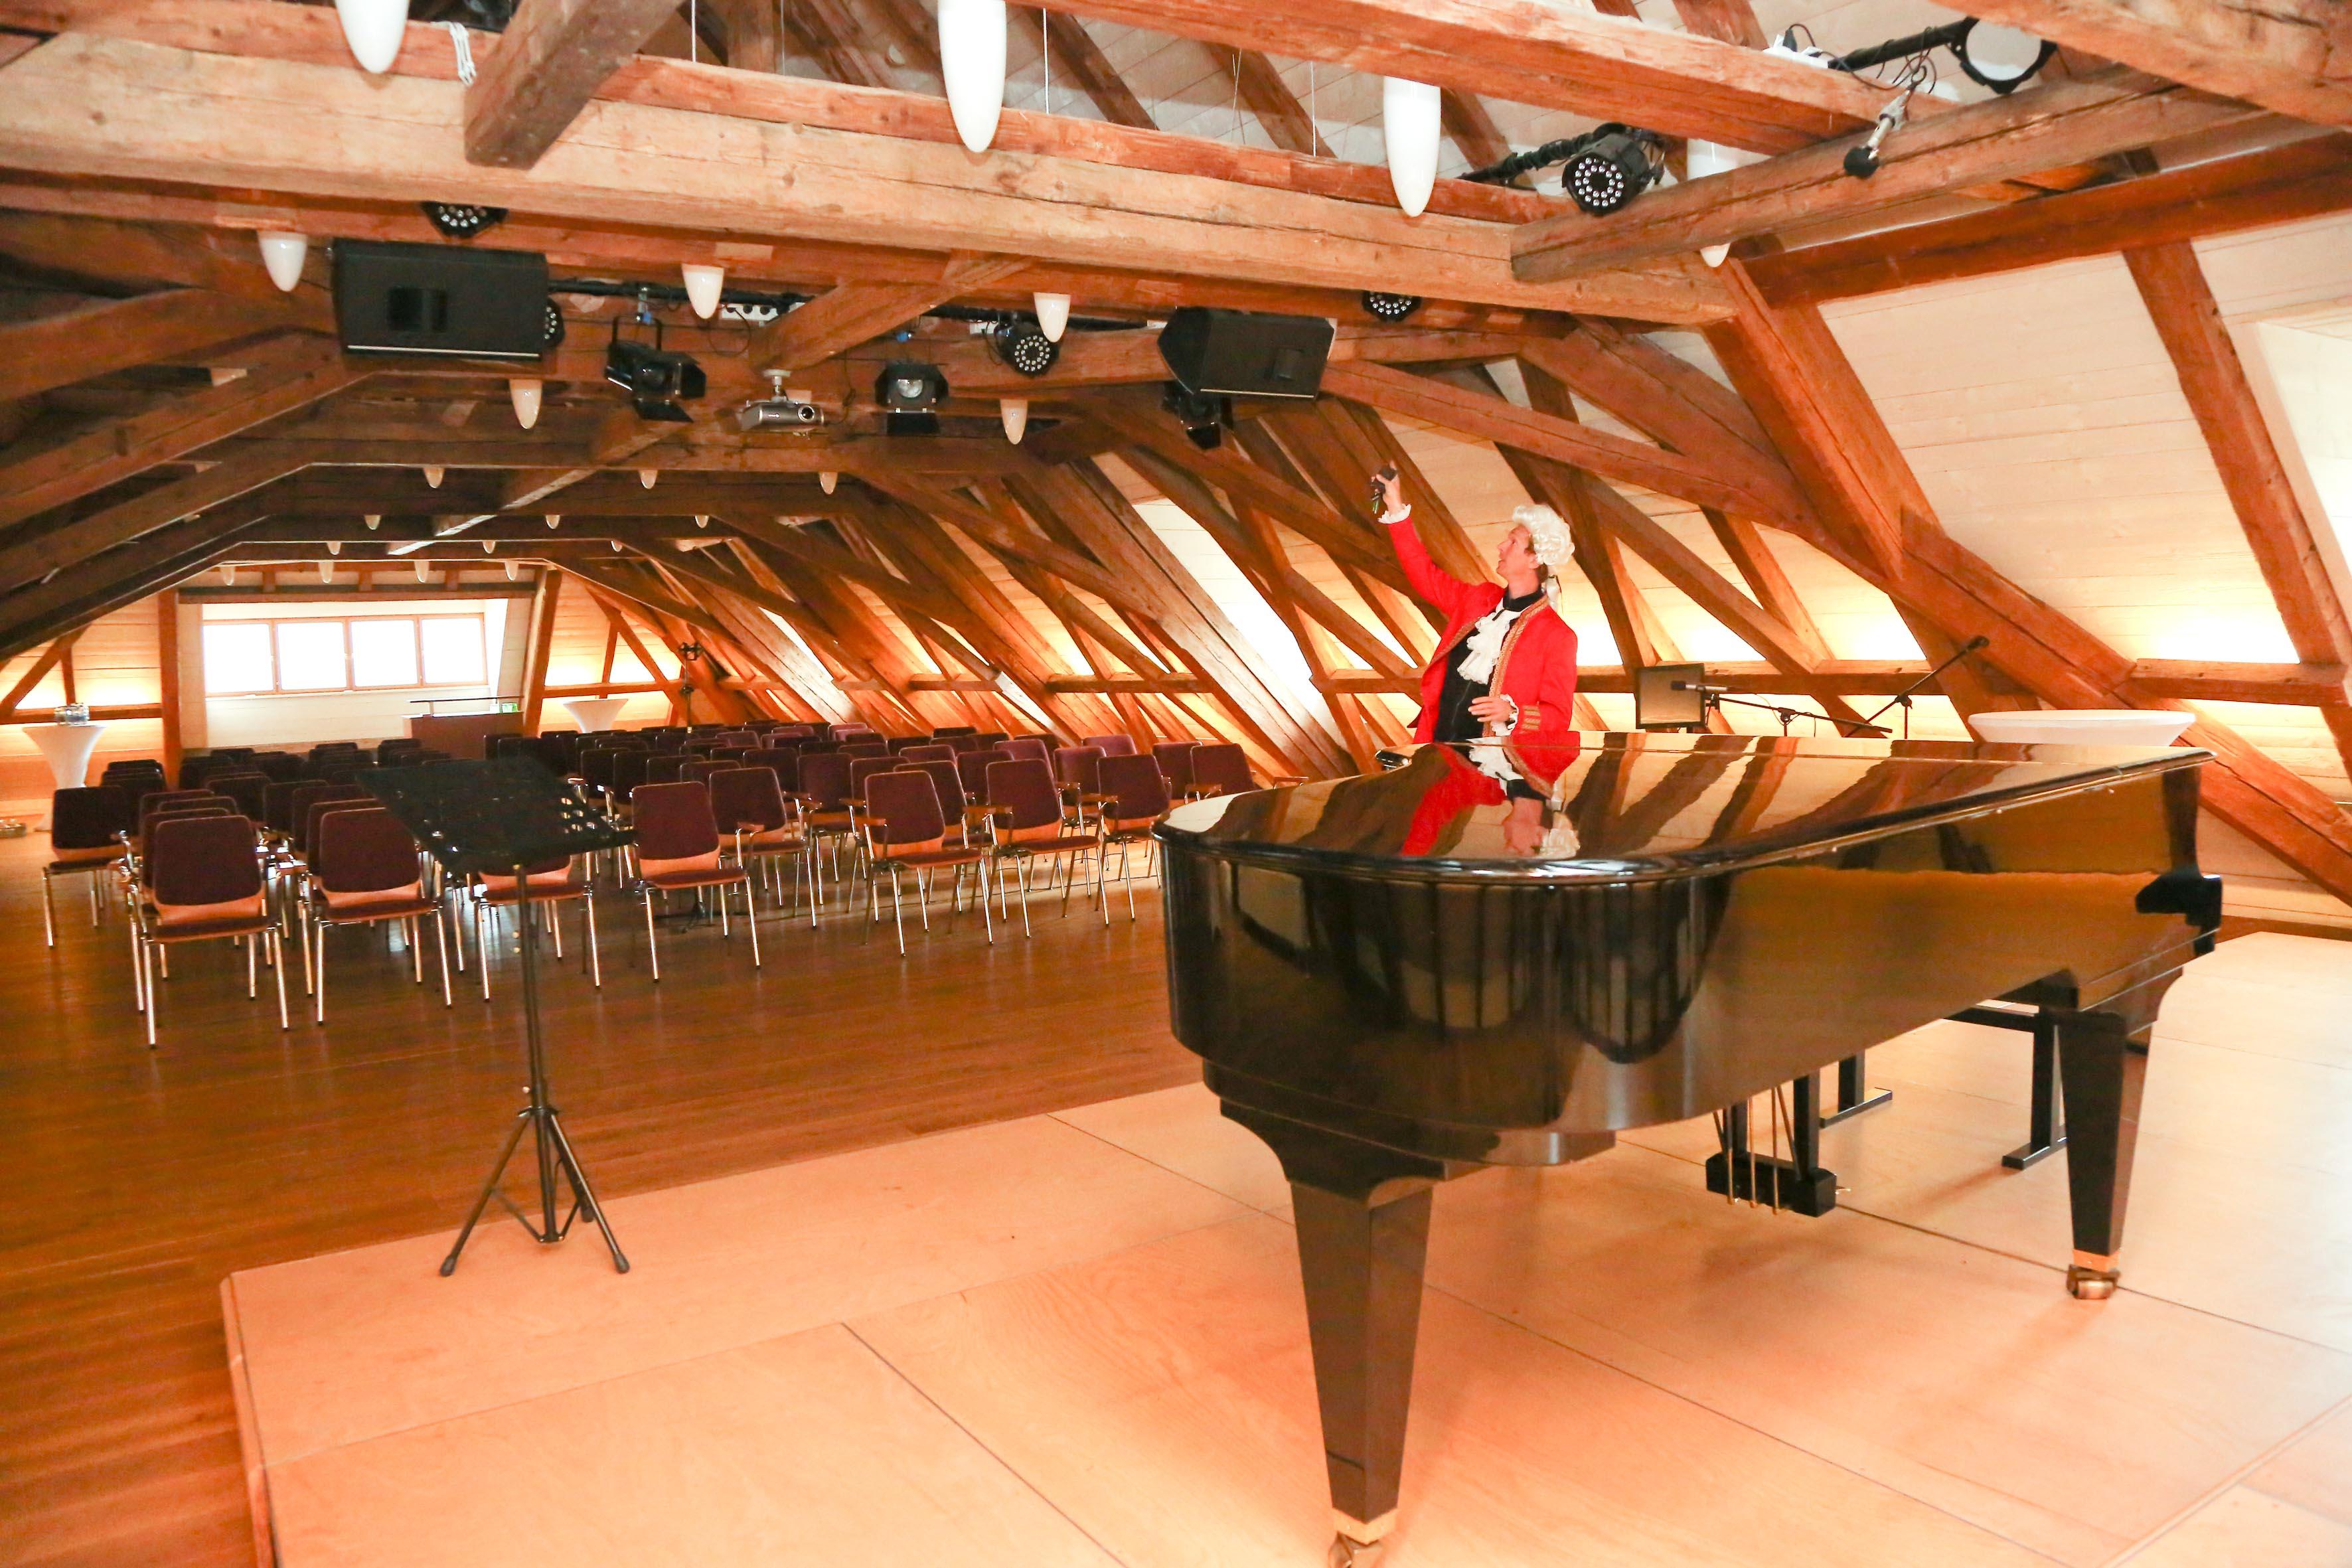 Veranstaltungsaal im Dachgeschoß